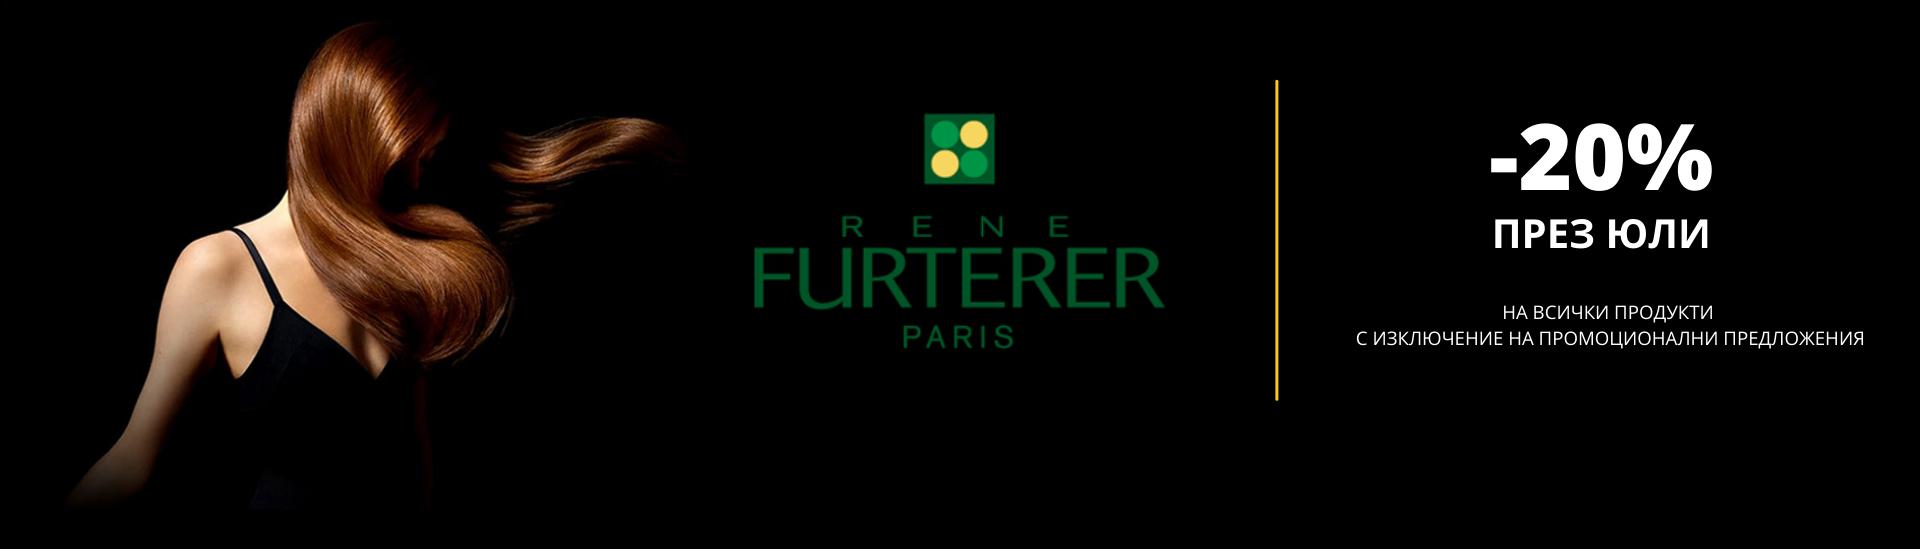 -20% RENE FURTERER от 30.06.2021 до 29.07.2021